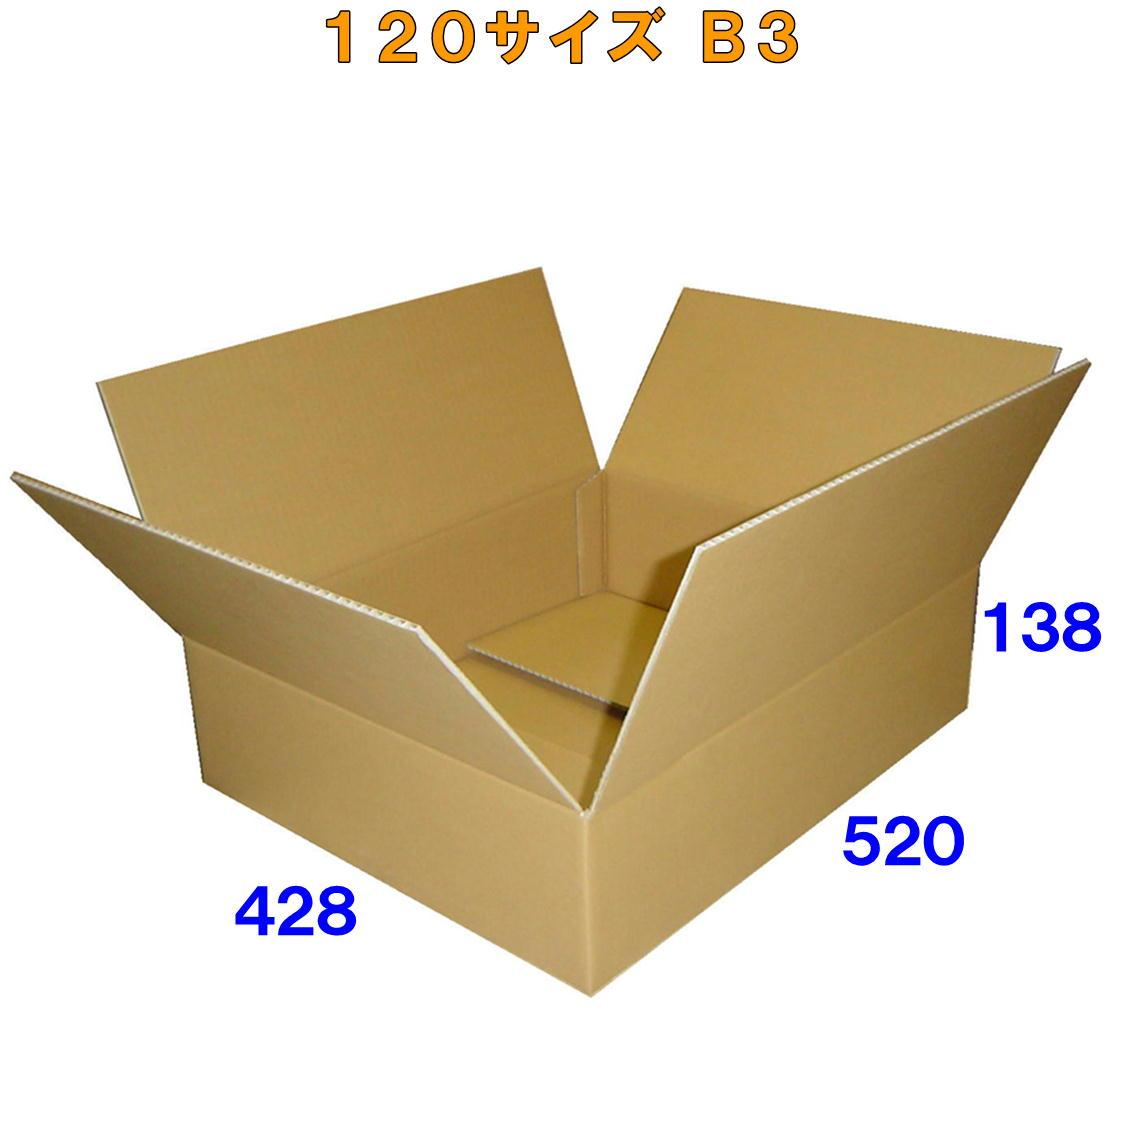 宅急便 宅配便 ゆうパック120サイズ対応段ボール 段ボール 20枚 底面B3対応 ダンボール 代引き不可 120サイズ ※この商品は西濃運輸配送です※ 法人様向け 20枚5ミリ厚 B3 レビューを書けば送料当店負担 ダンボール箱